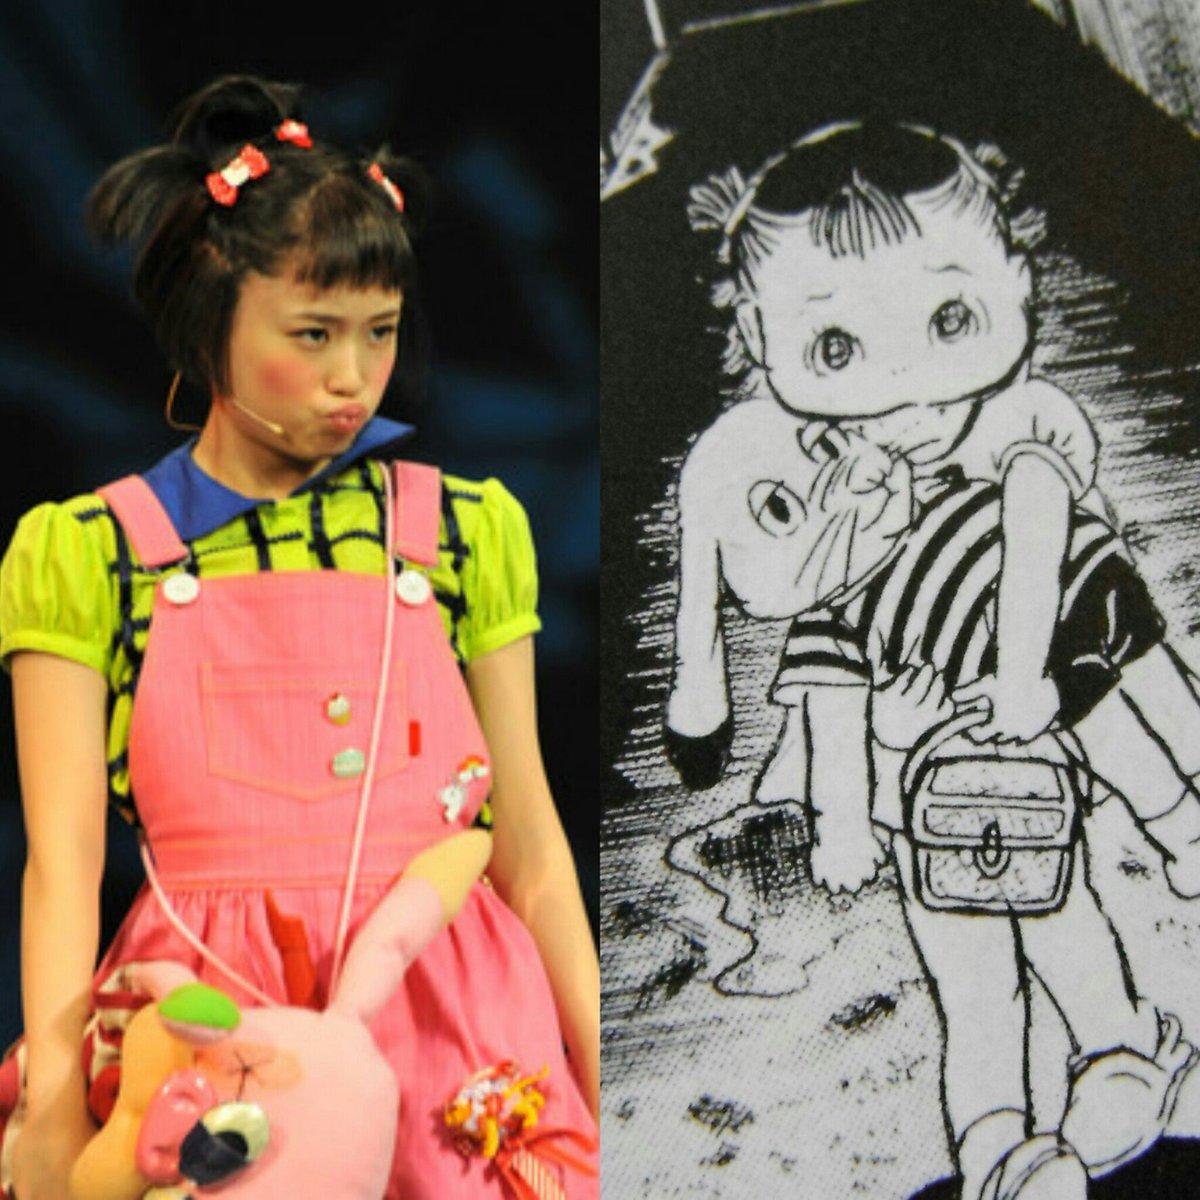 女優って凄いと思う。写真ですら大原櫻子さんはしずかちゃんを演じきってると言っても過言ではないもの。。#わたしは真悟#大原